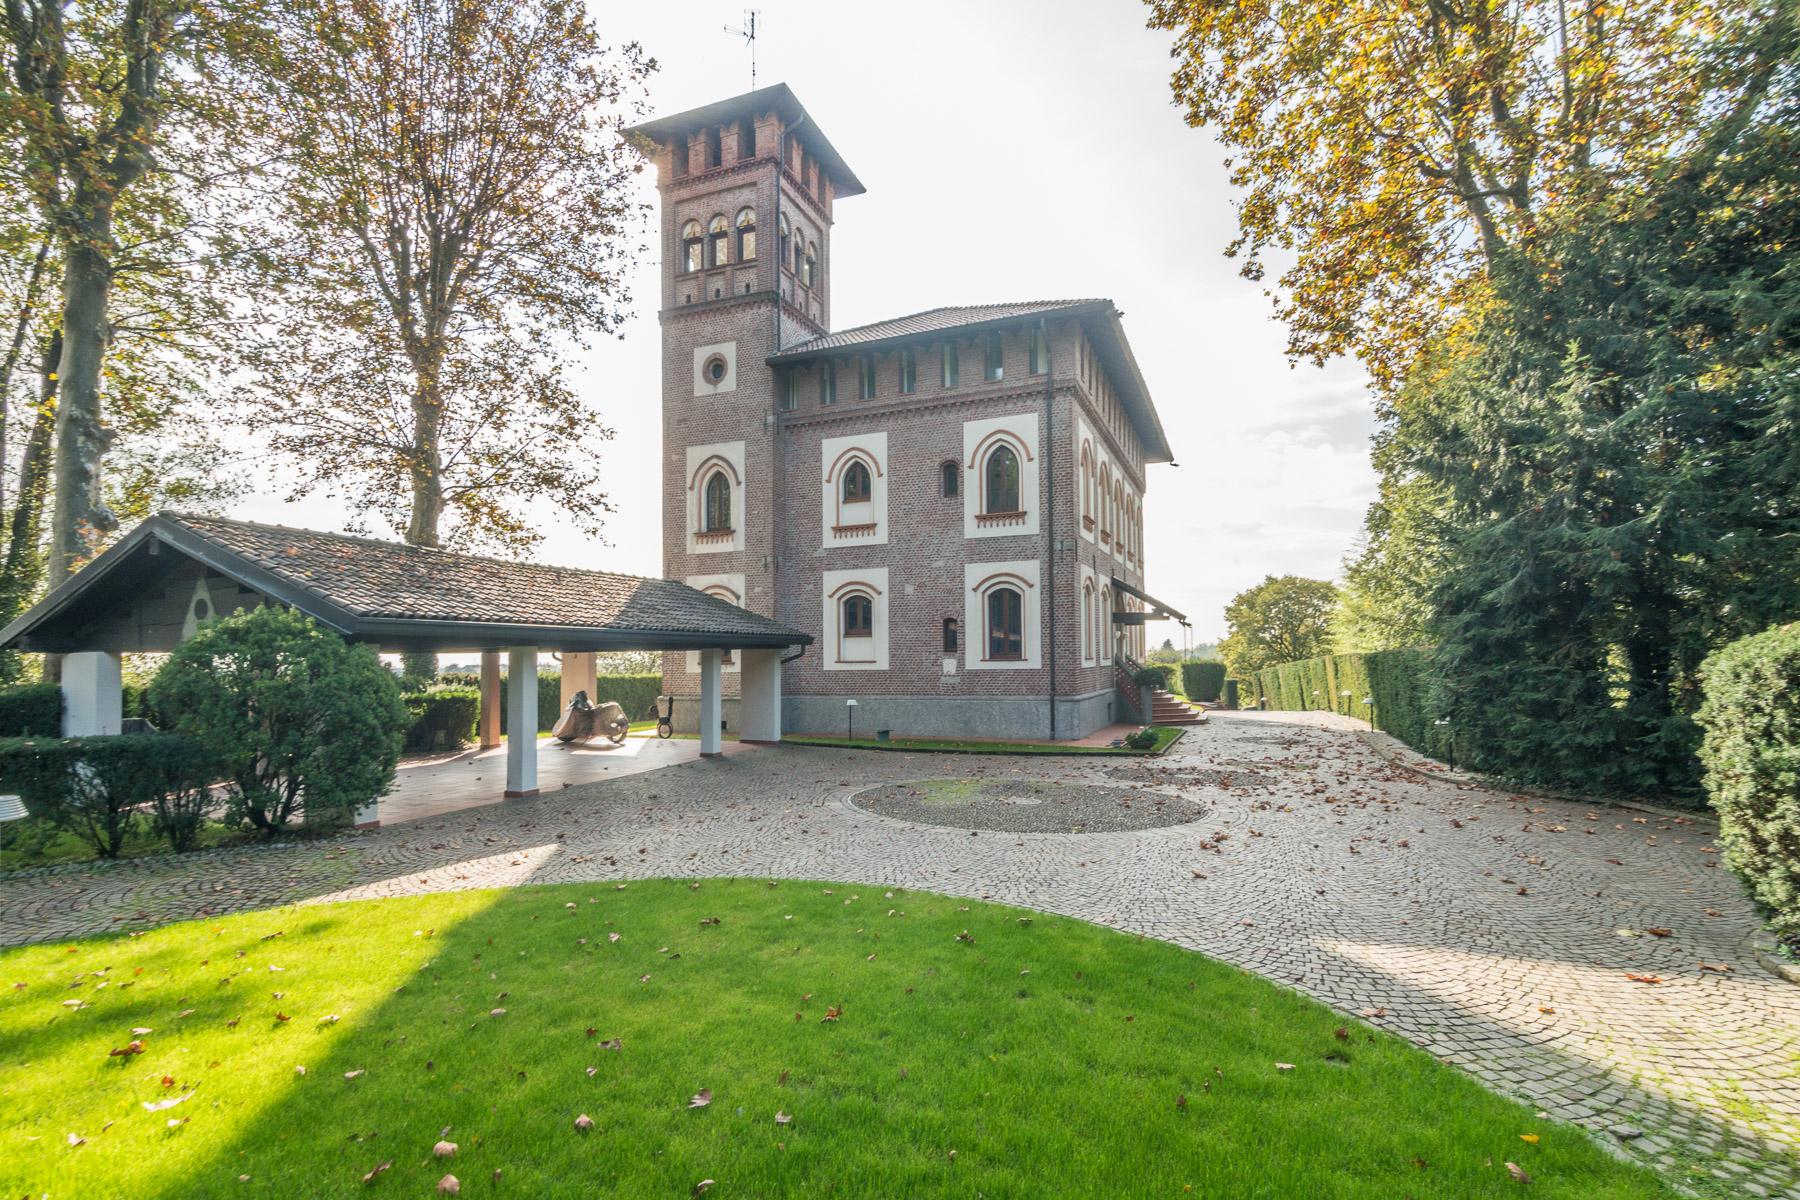 Single Family Home for Sale at Prestigious historical villa close to Milan Via Friuli Cesano Maderno, Monza Brianza 20811 Italy